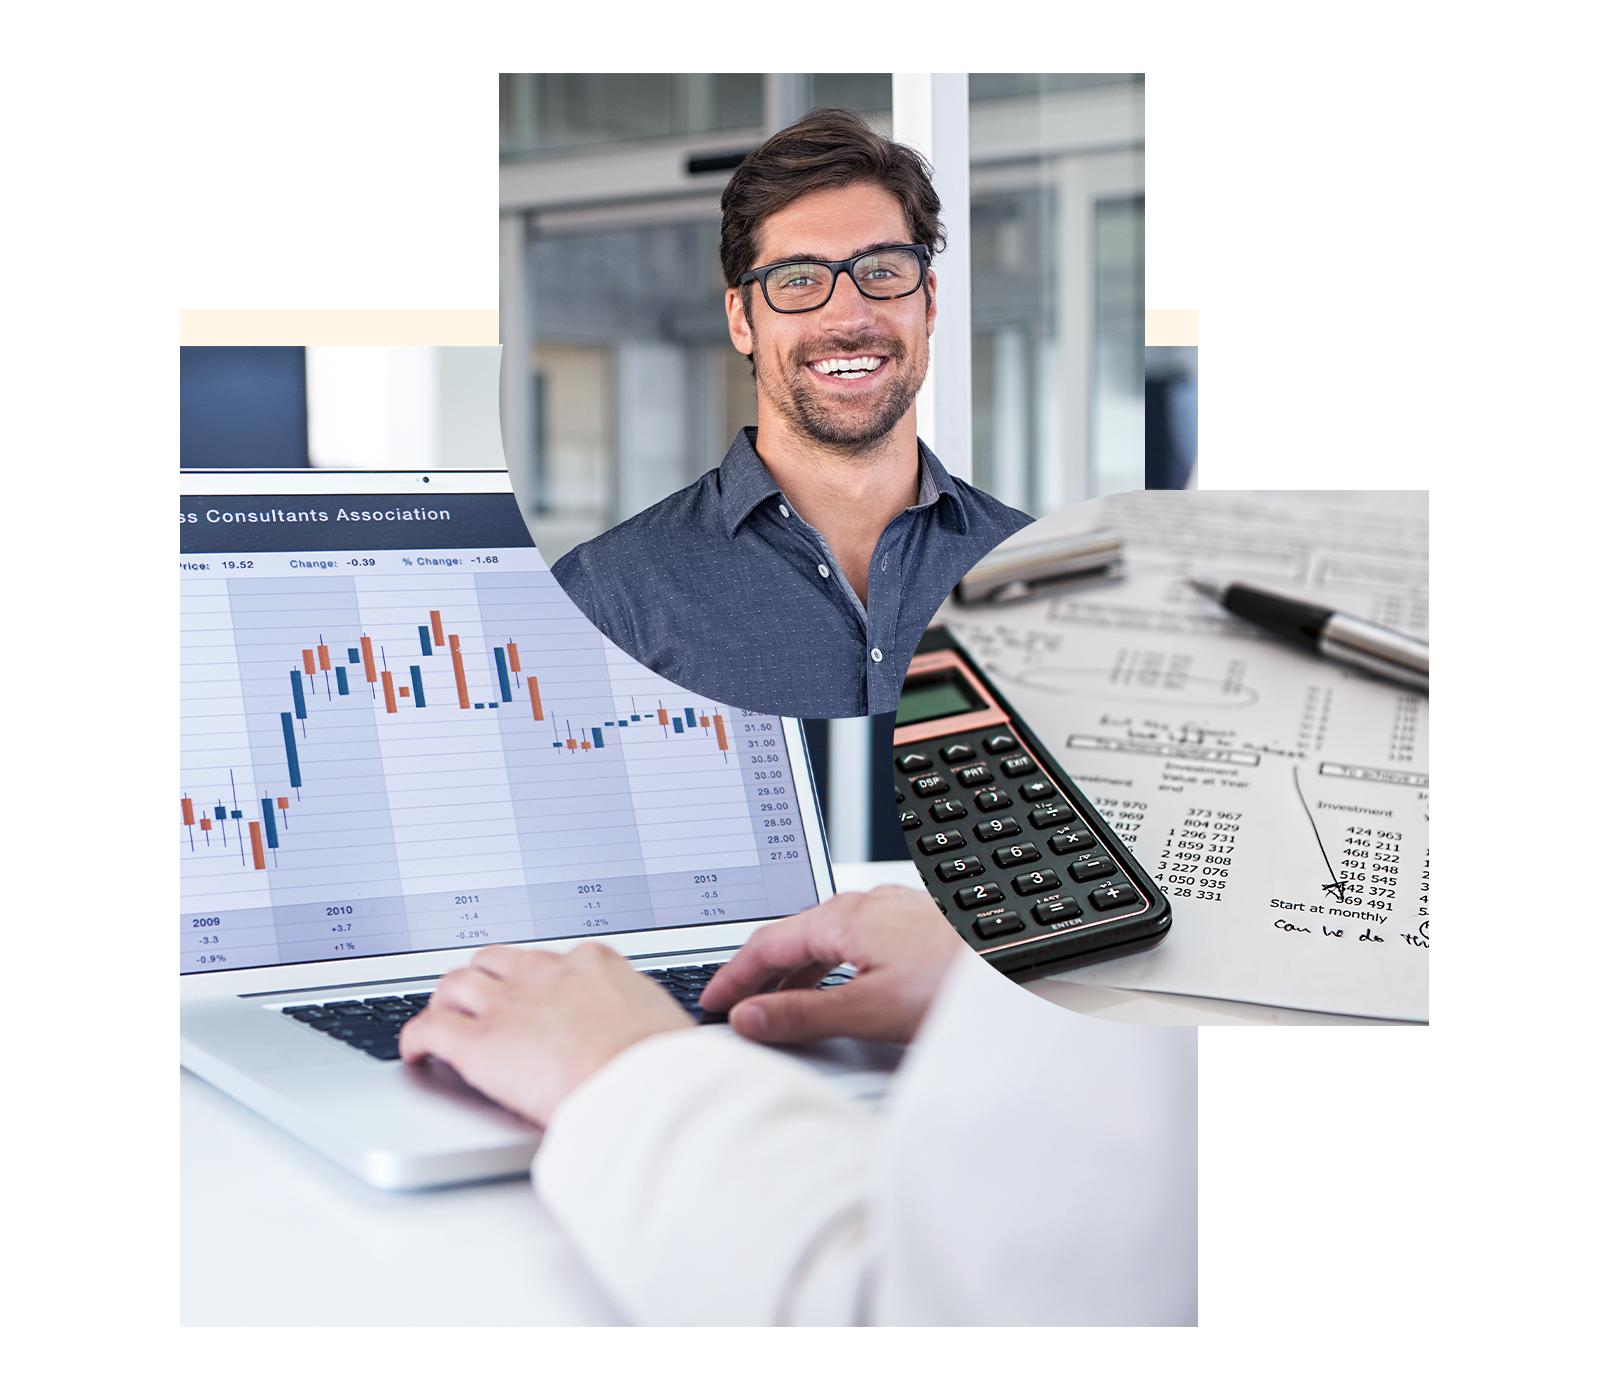 Drei Kreise bestehend aus einem lächelnden Mann mit Brille, einem Diagramm auf einem Monitor und einem Taschenrechner und Stift   IBM Cognos Analytics with Watson - Dreiklang